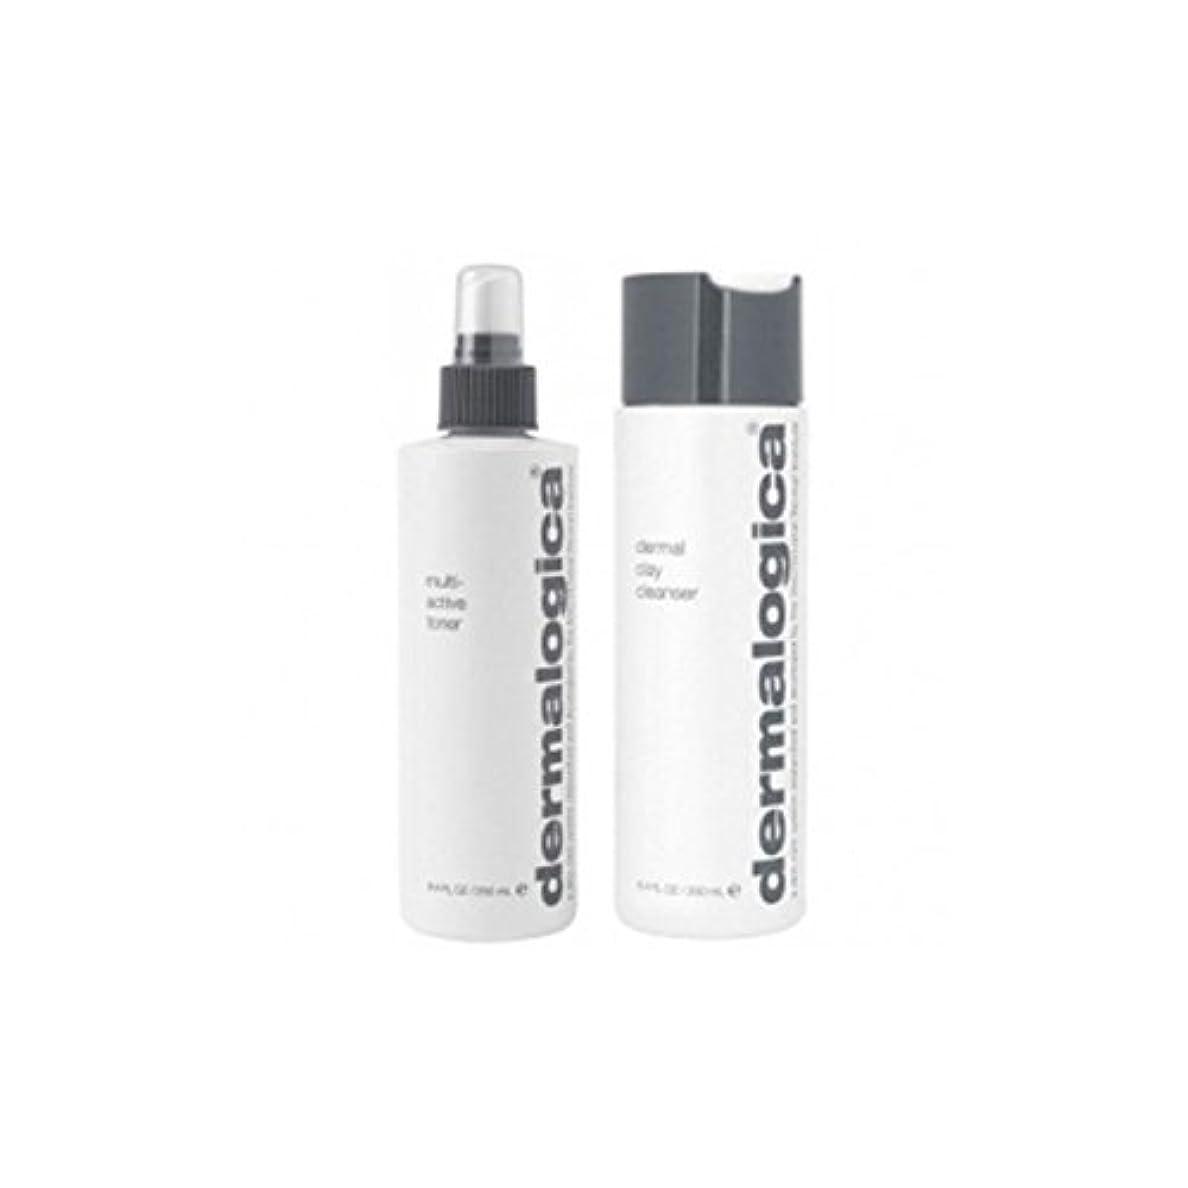 疾患なぞらえる汚すDermalogica Cleanse & Tone Duo - Oily Skin (2 Products) (Pack of 6) - ダーマロジカクレンジング&トーンデュオ - 脂性肌(2製品) x6 [並行輸入品]